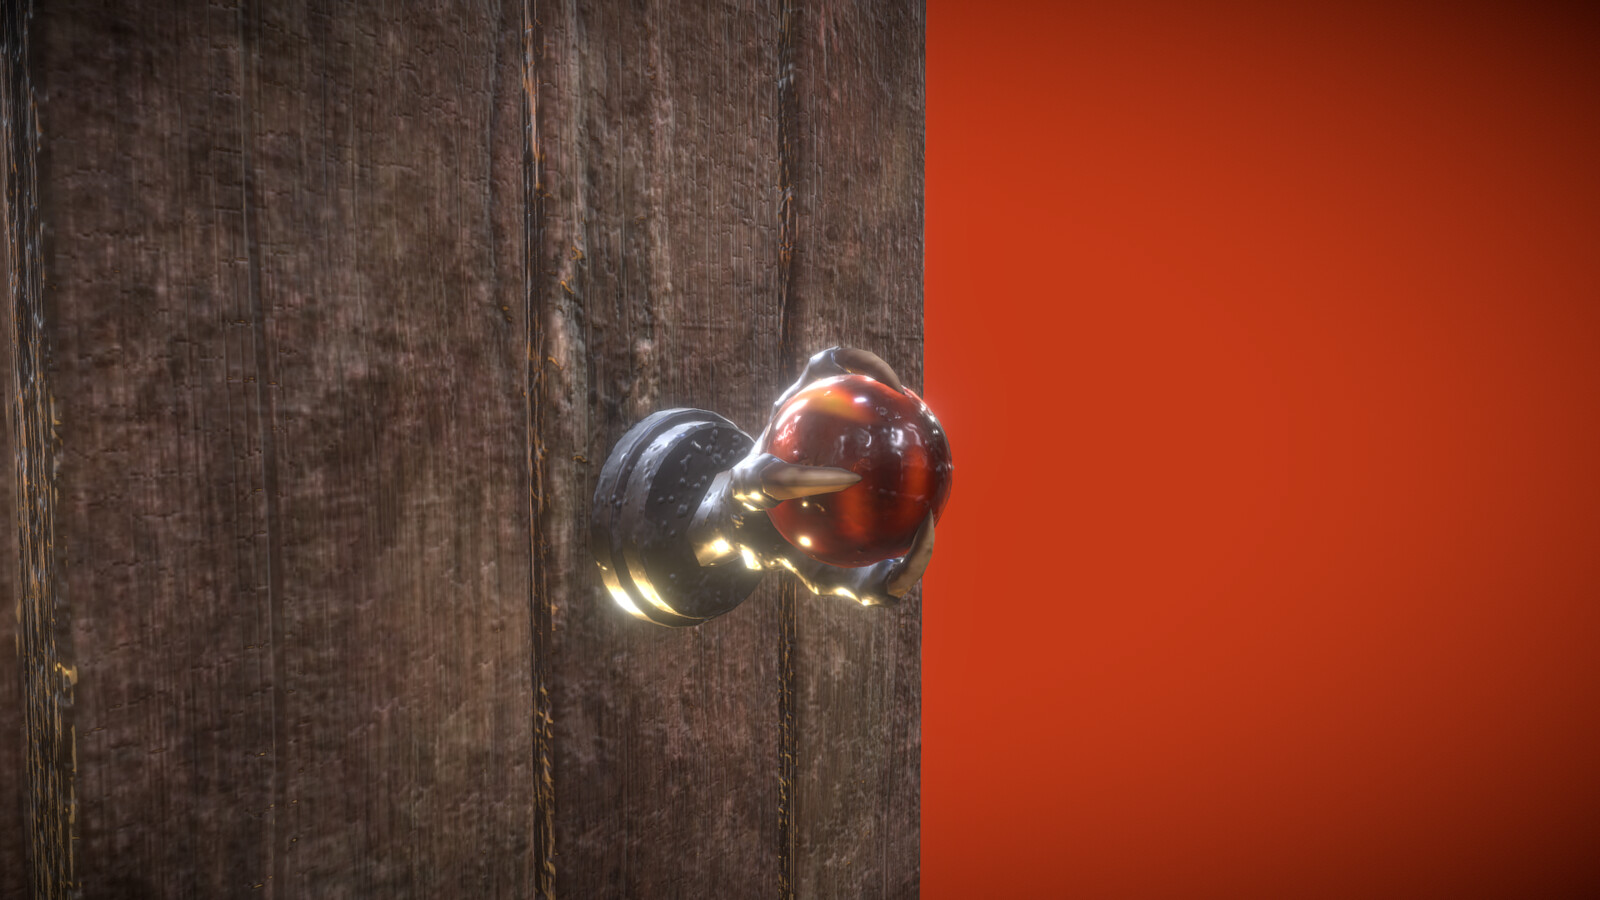 Unreality3D Portal - Detail